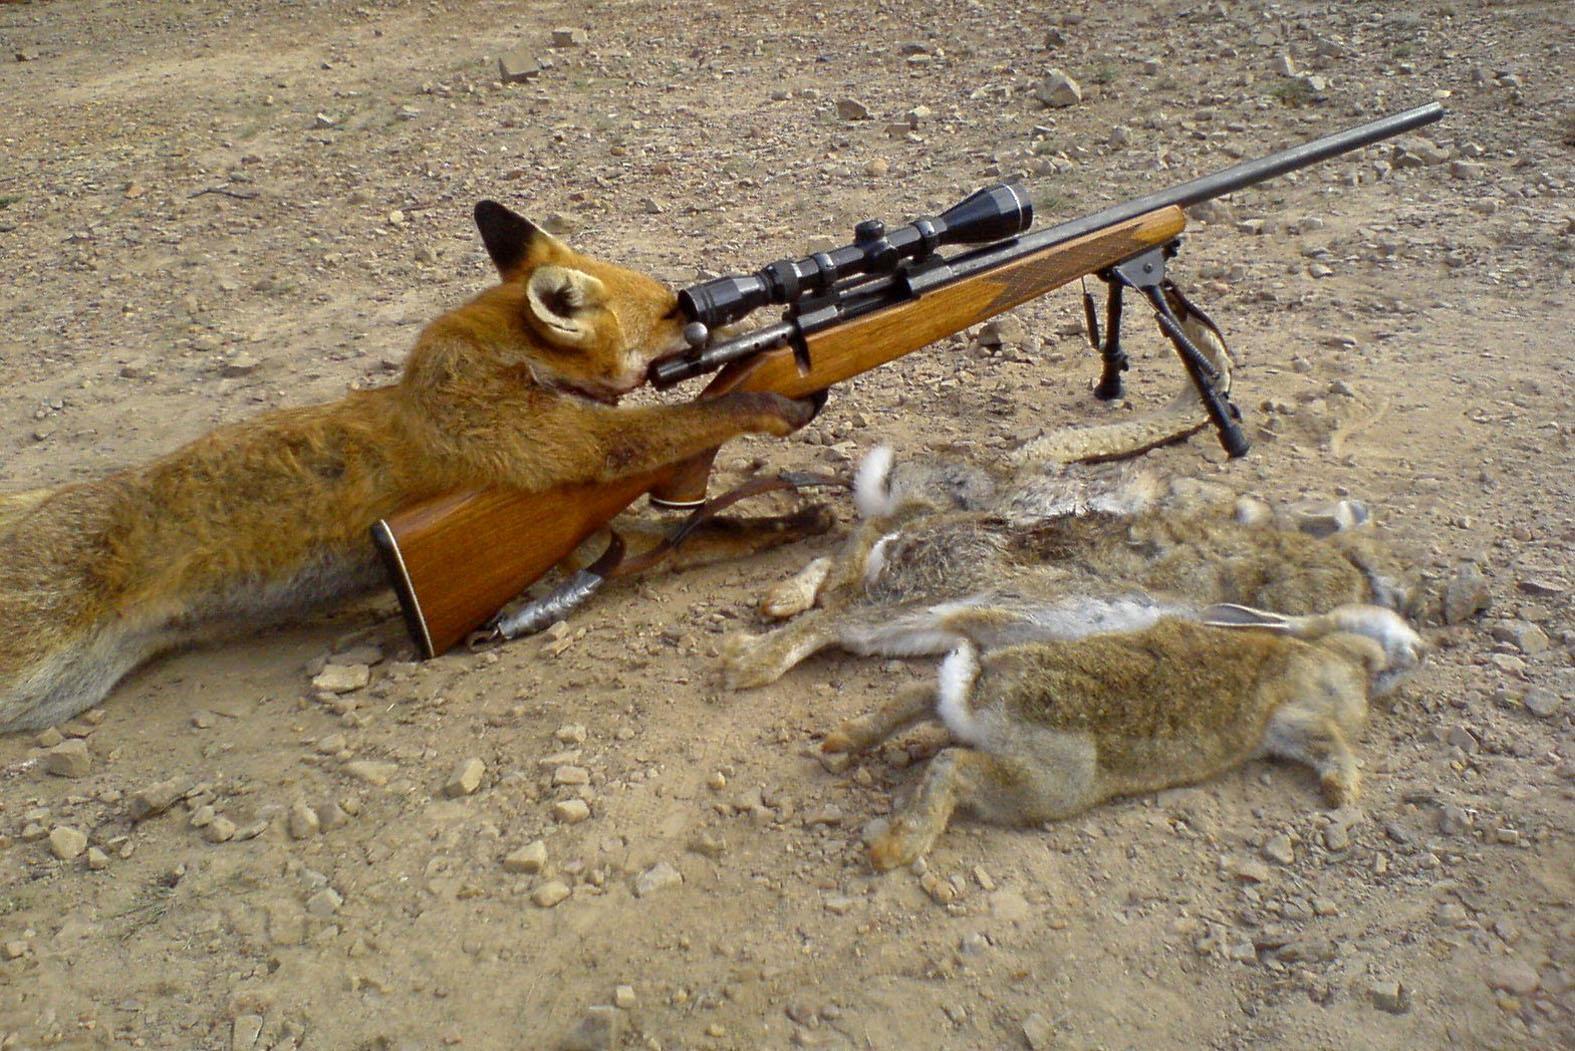 Практические советы стрелкам и охотникам по использованию боеприпасов и оружия